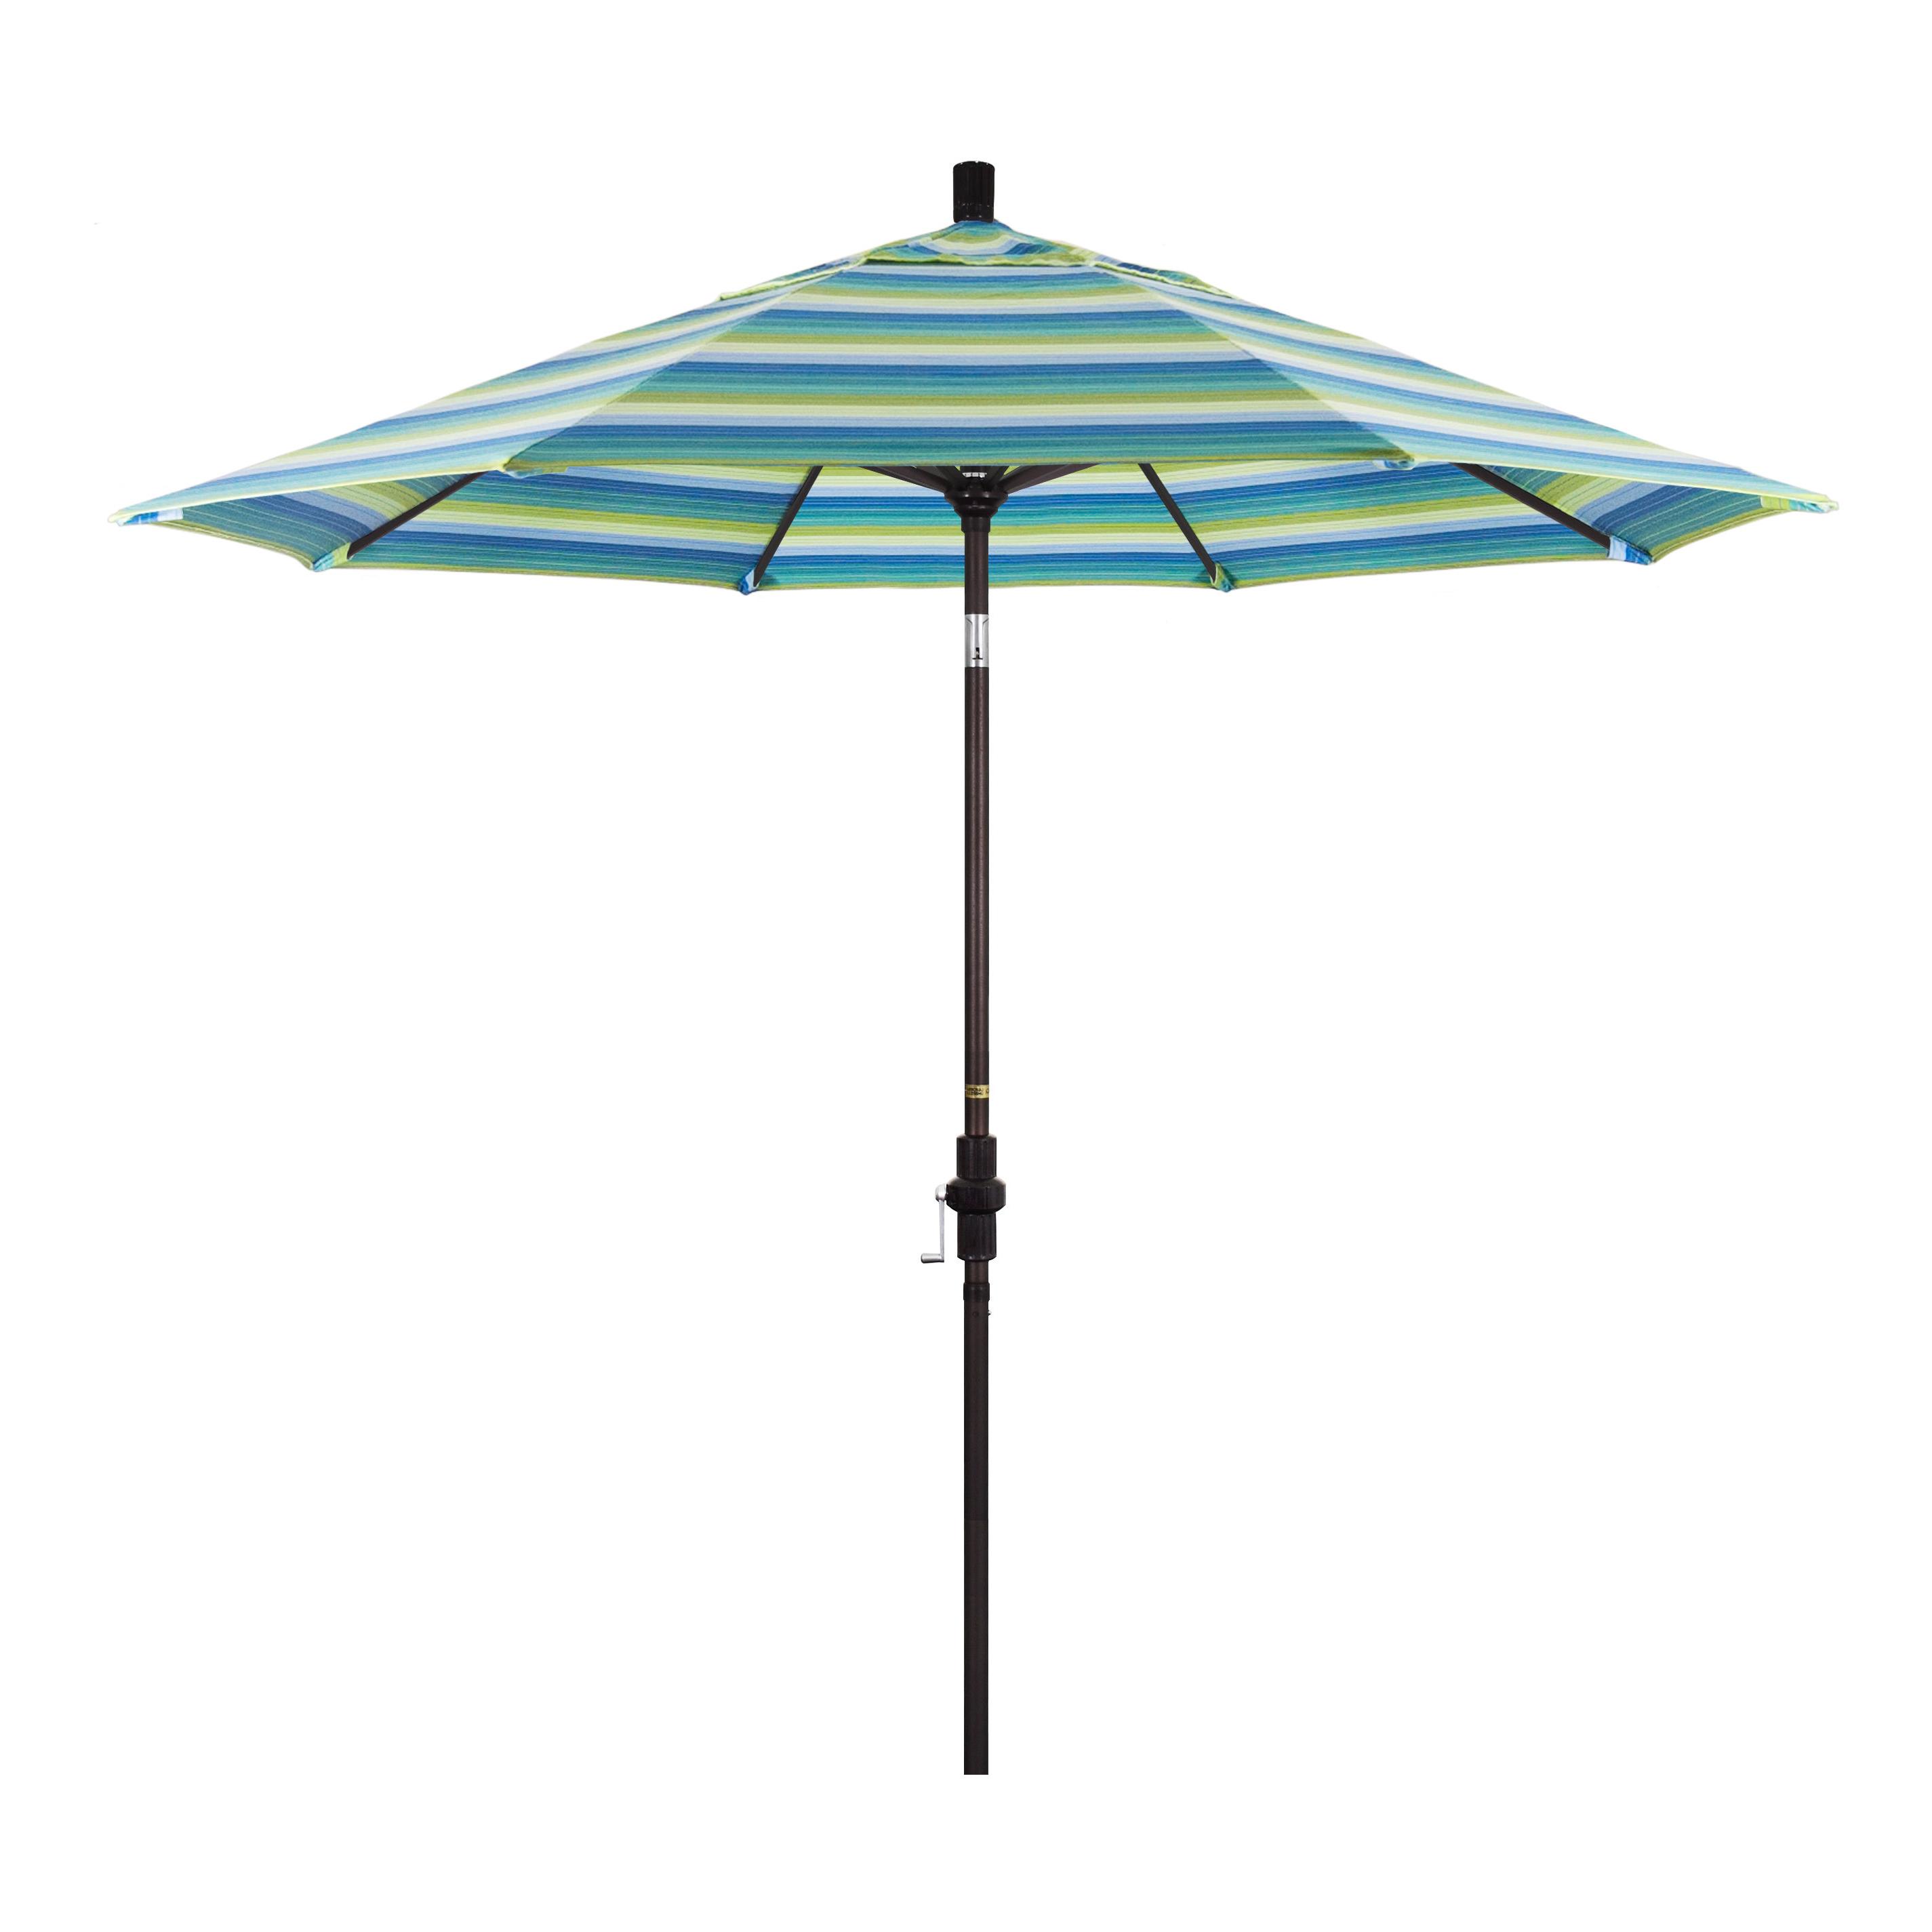 Golden State Series 9' Market Sunbrella Umbrella For Popular Wiechmann Push Tilt Market Sunbrella Umbrellas (View 11 of 20)